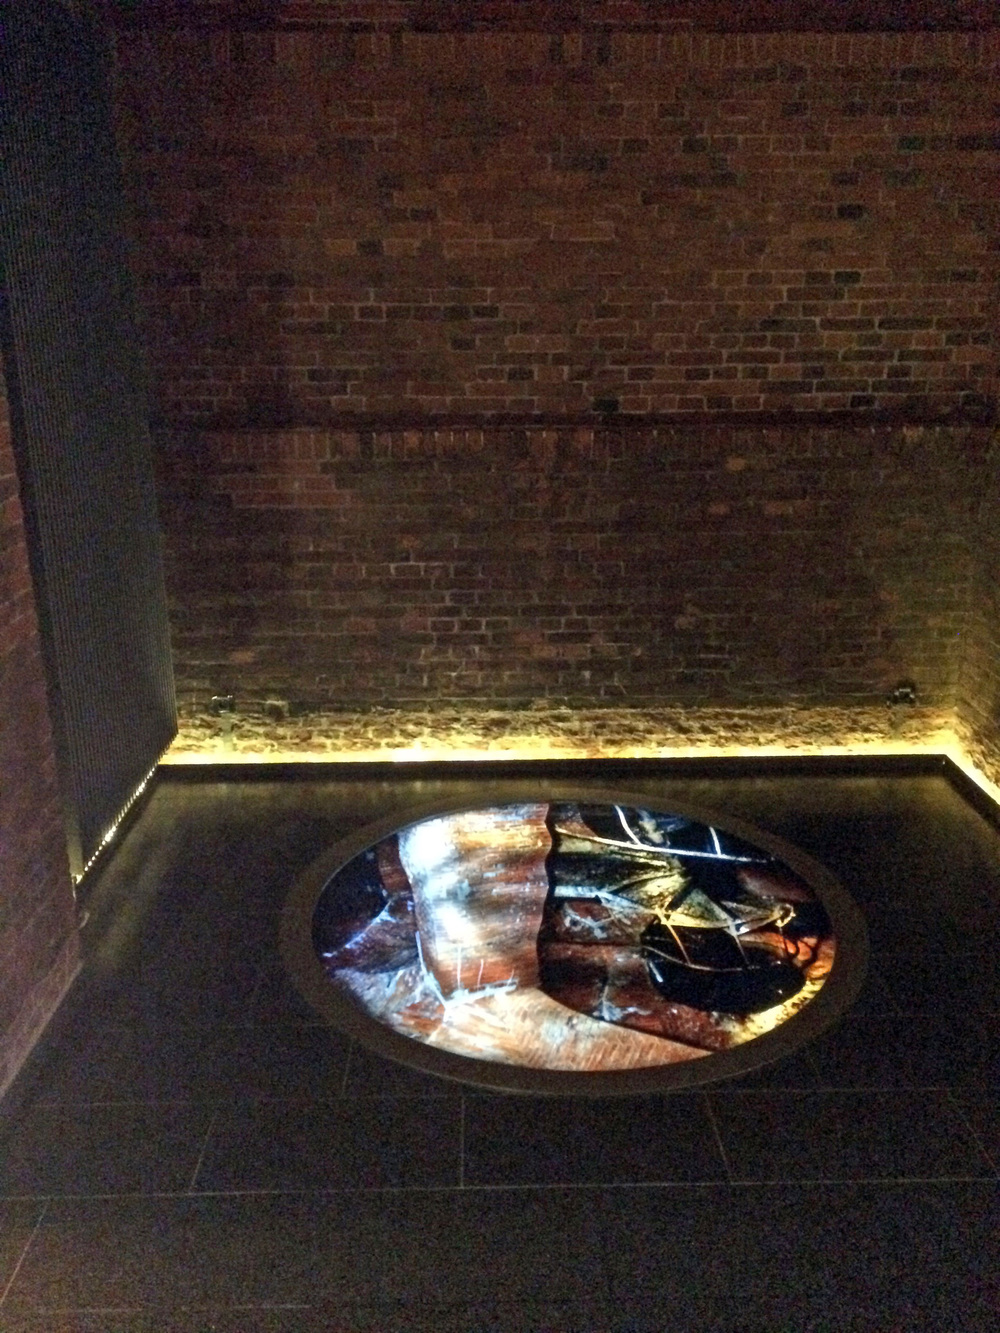 Die Künstlerin Ulrike Böhme erinnert mit sinnlichen Installationen an die Funktion des Wasserturms. Auf einem beleuchteten Glas, das im Boden der Lobby eingelassen wurde, sieht man Motive des Gebäudes sich wie im Wasser spiegeln.